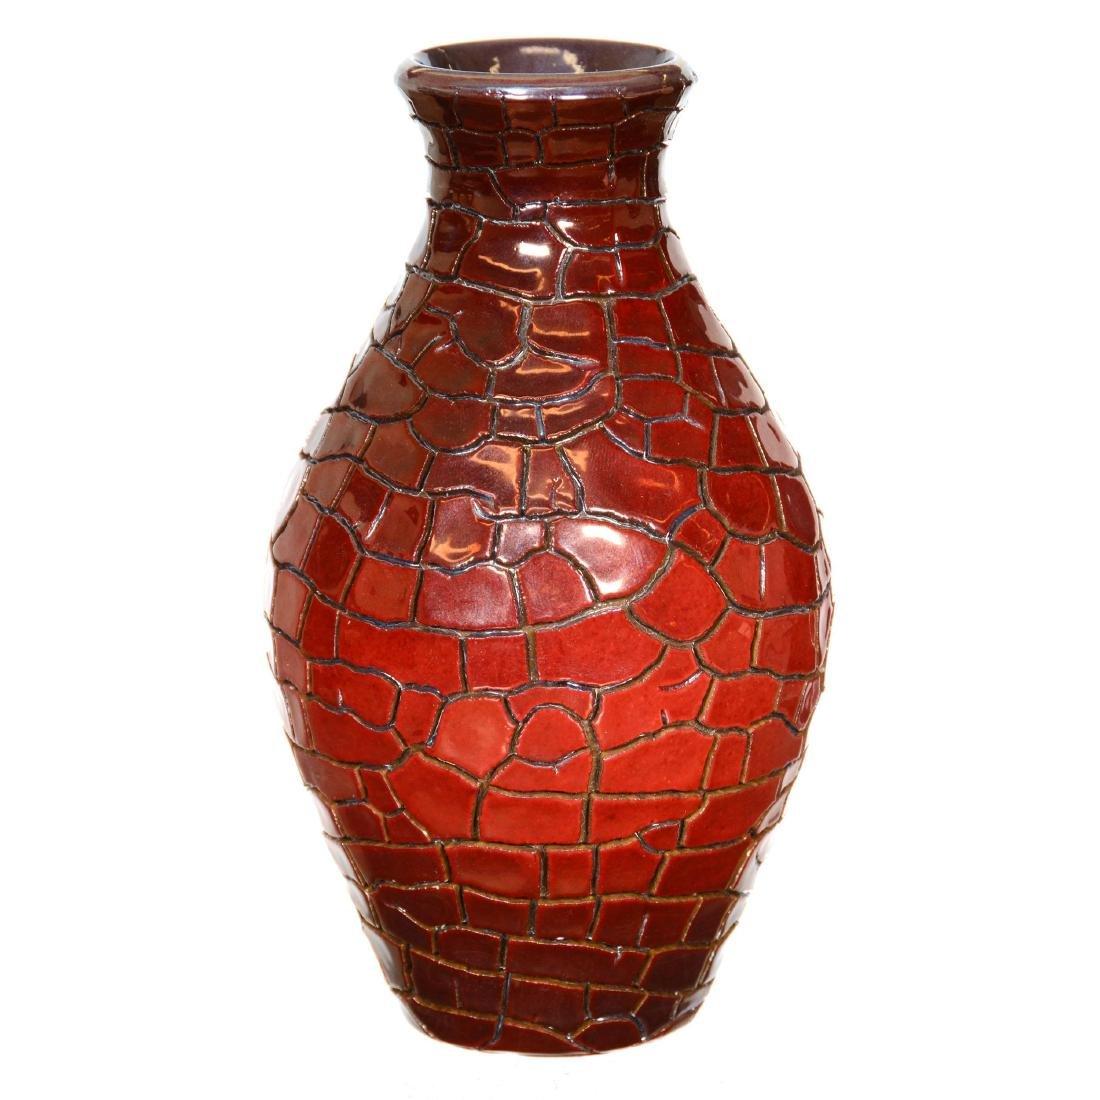 Zsolnay Art Pottery Vase